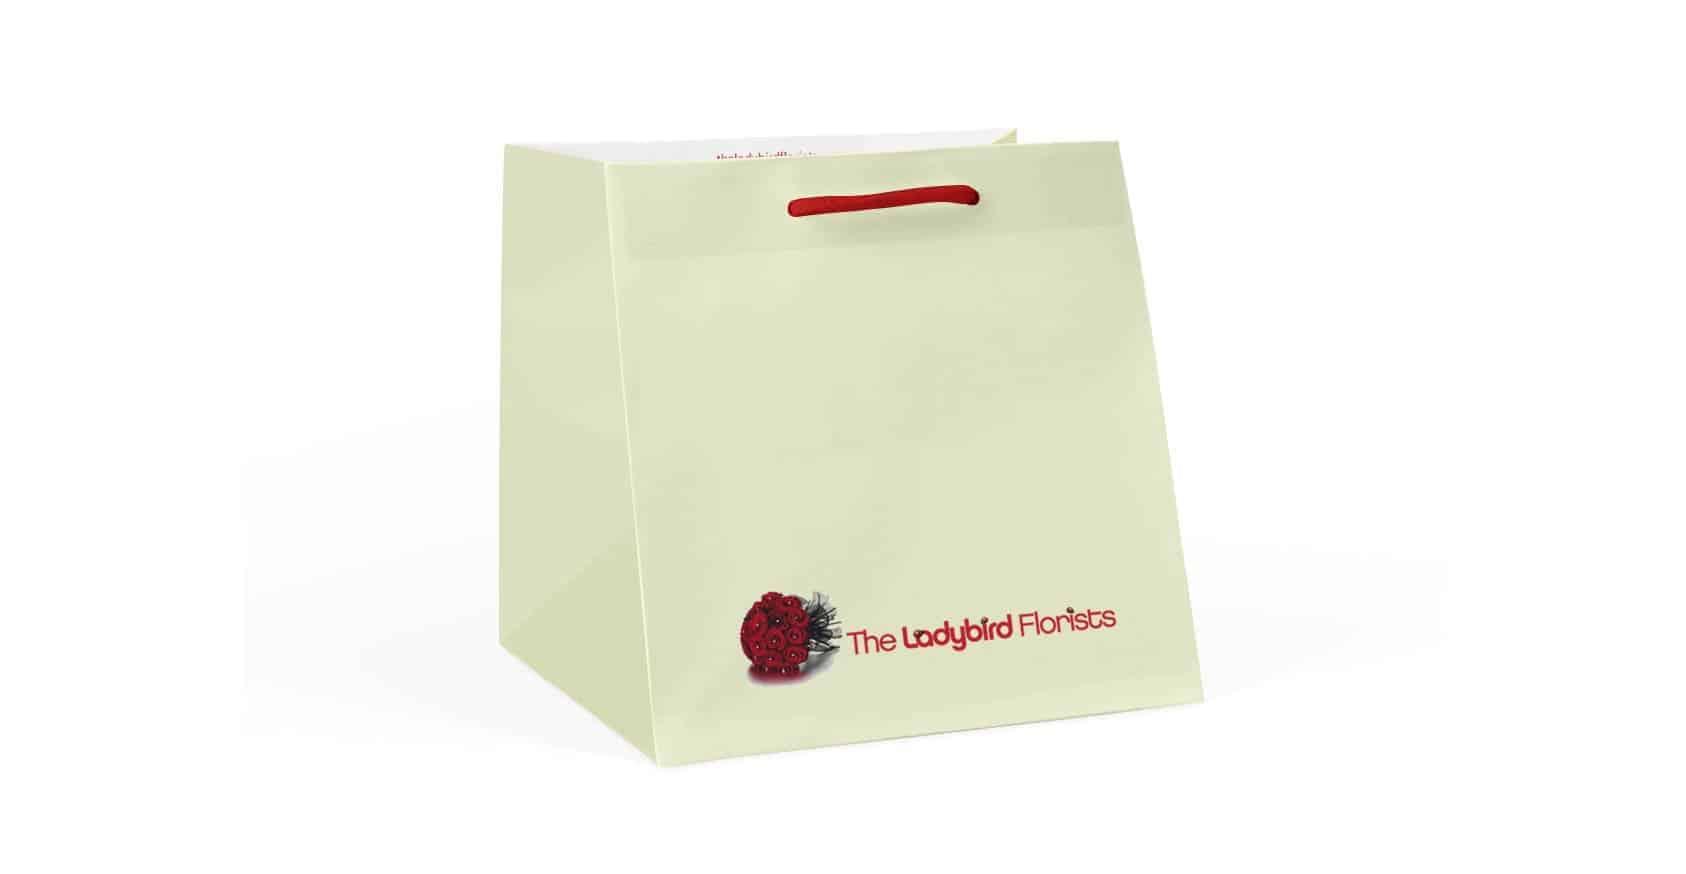 Custom Branded Wide Bags / Printed Flower & Cake Bags